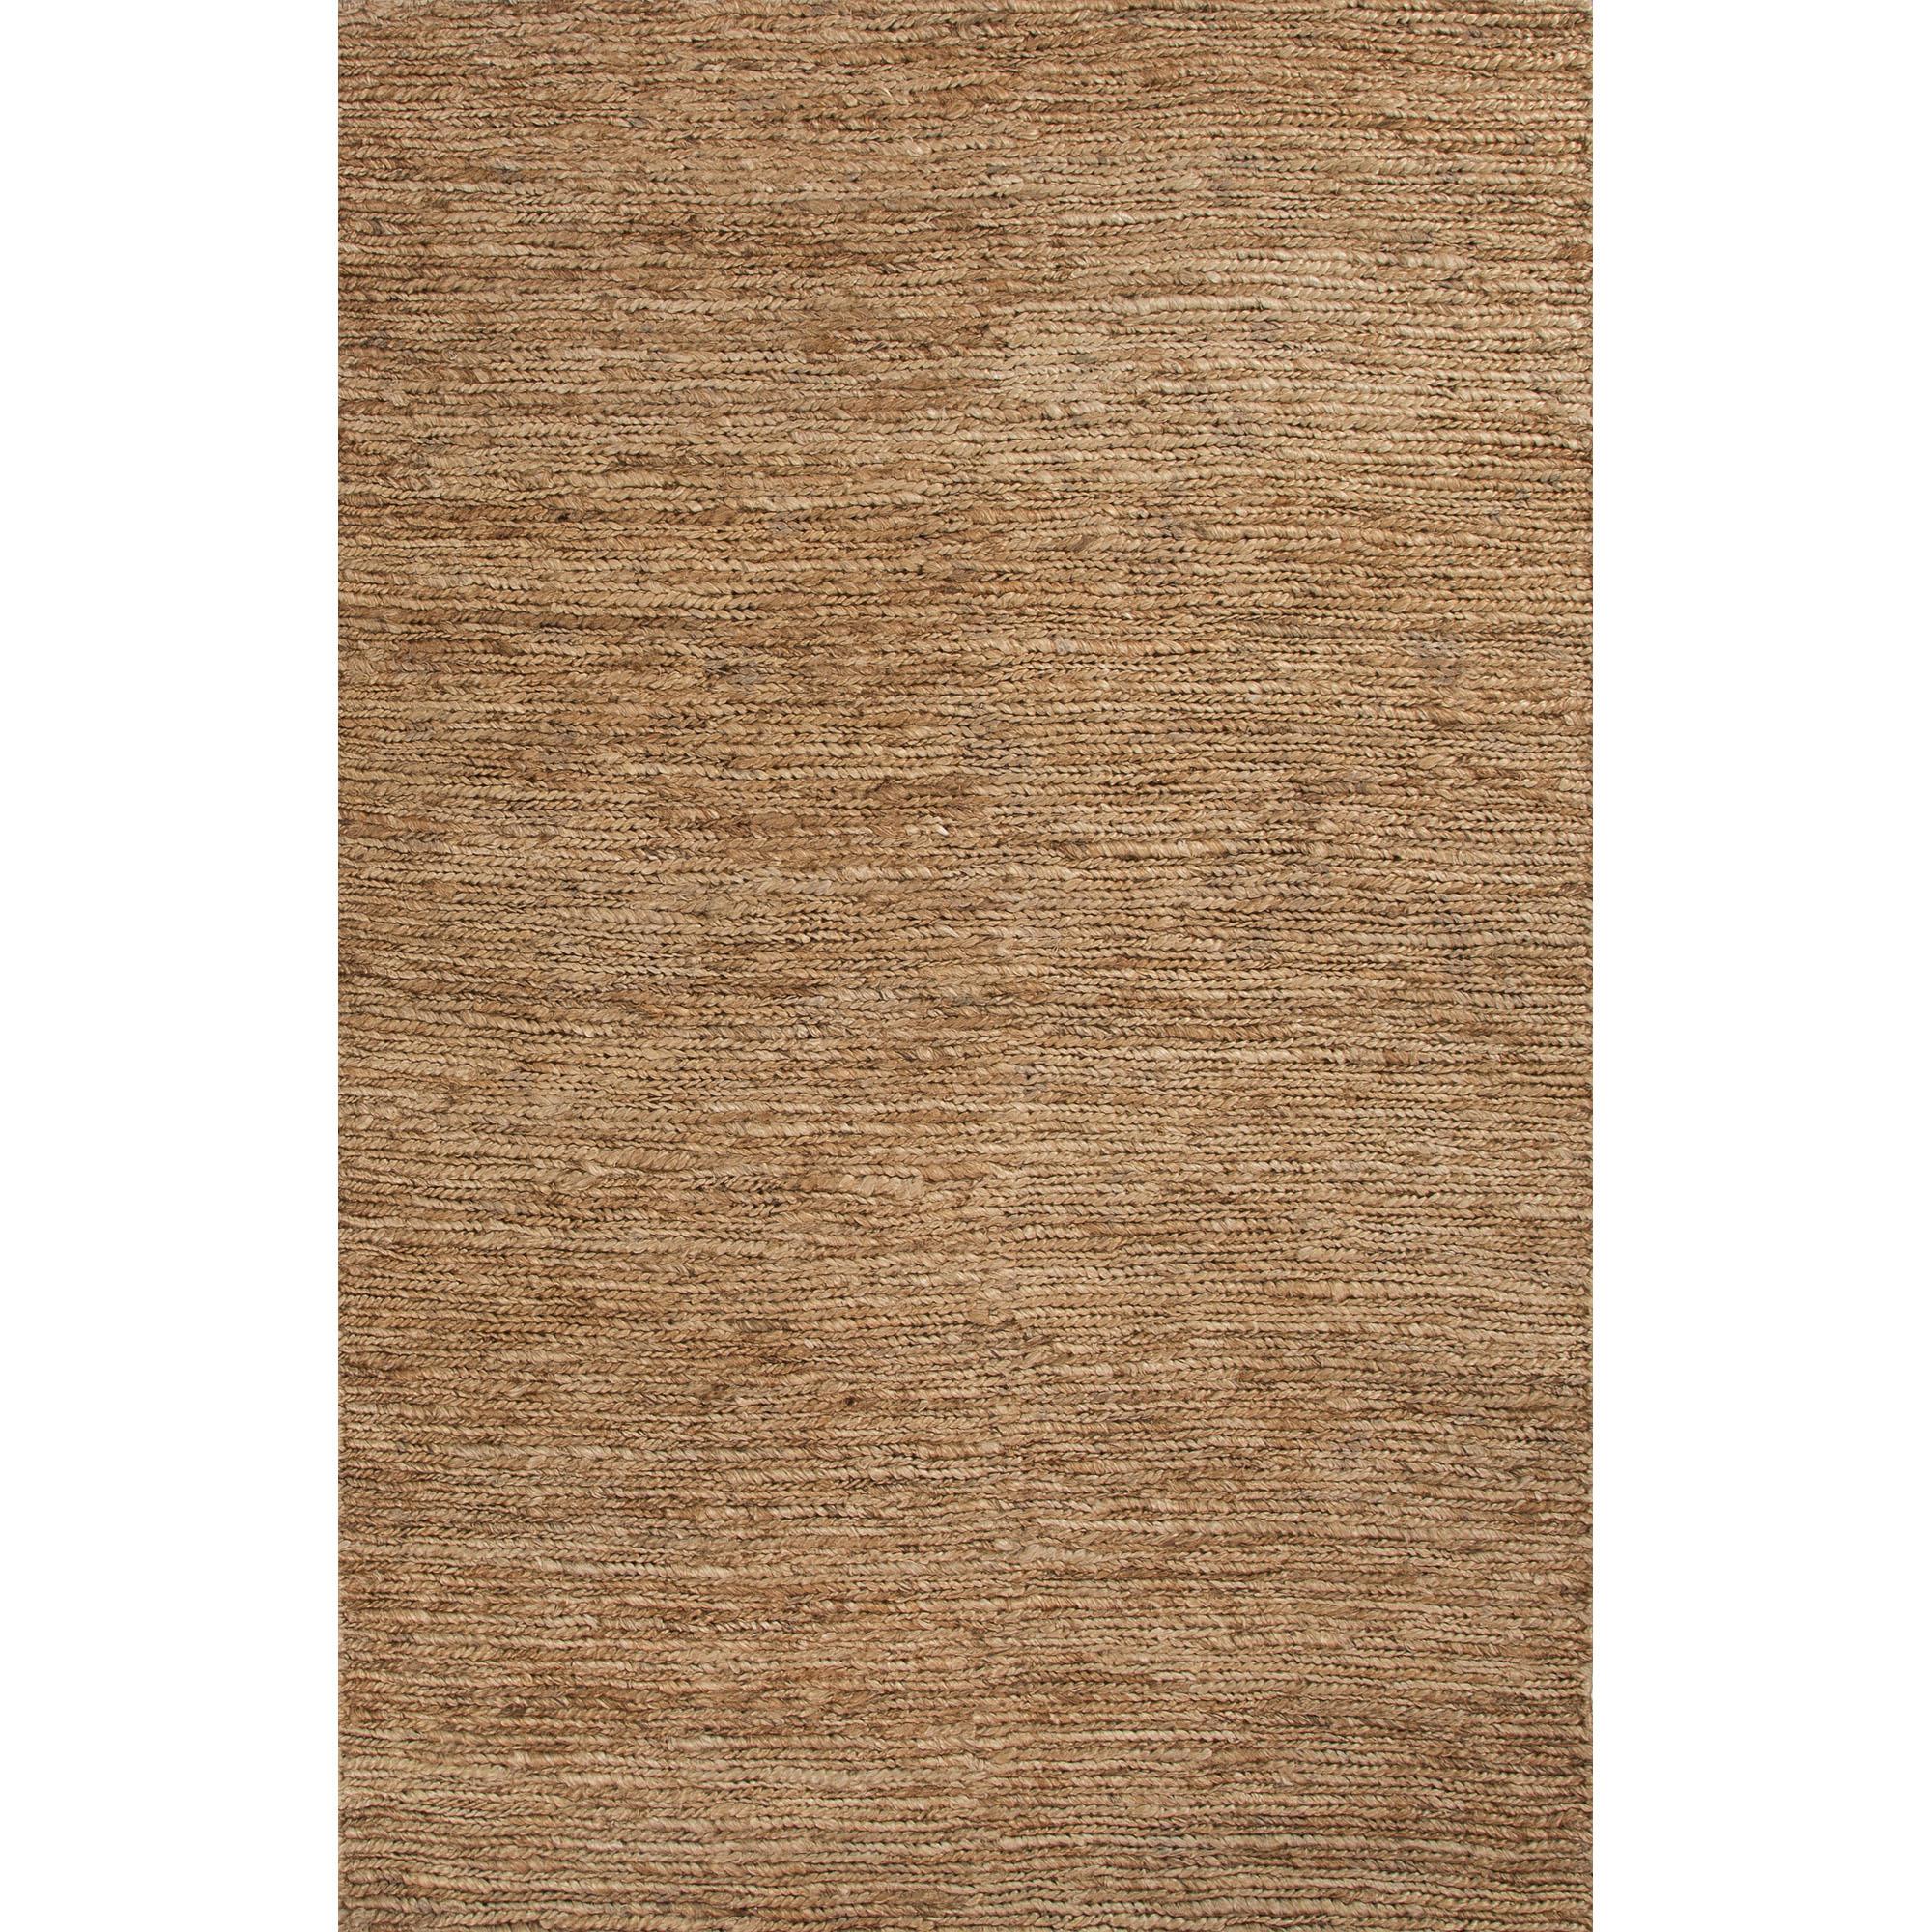 JAIPUR Rugs Hula 5 x 8 Rug - Item Number: RUG114154